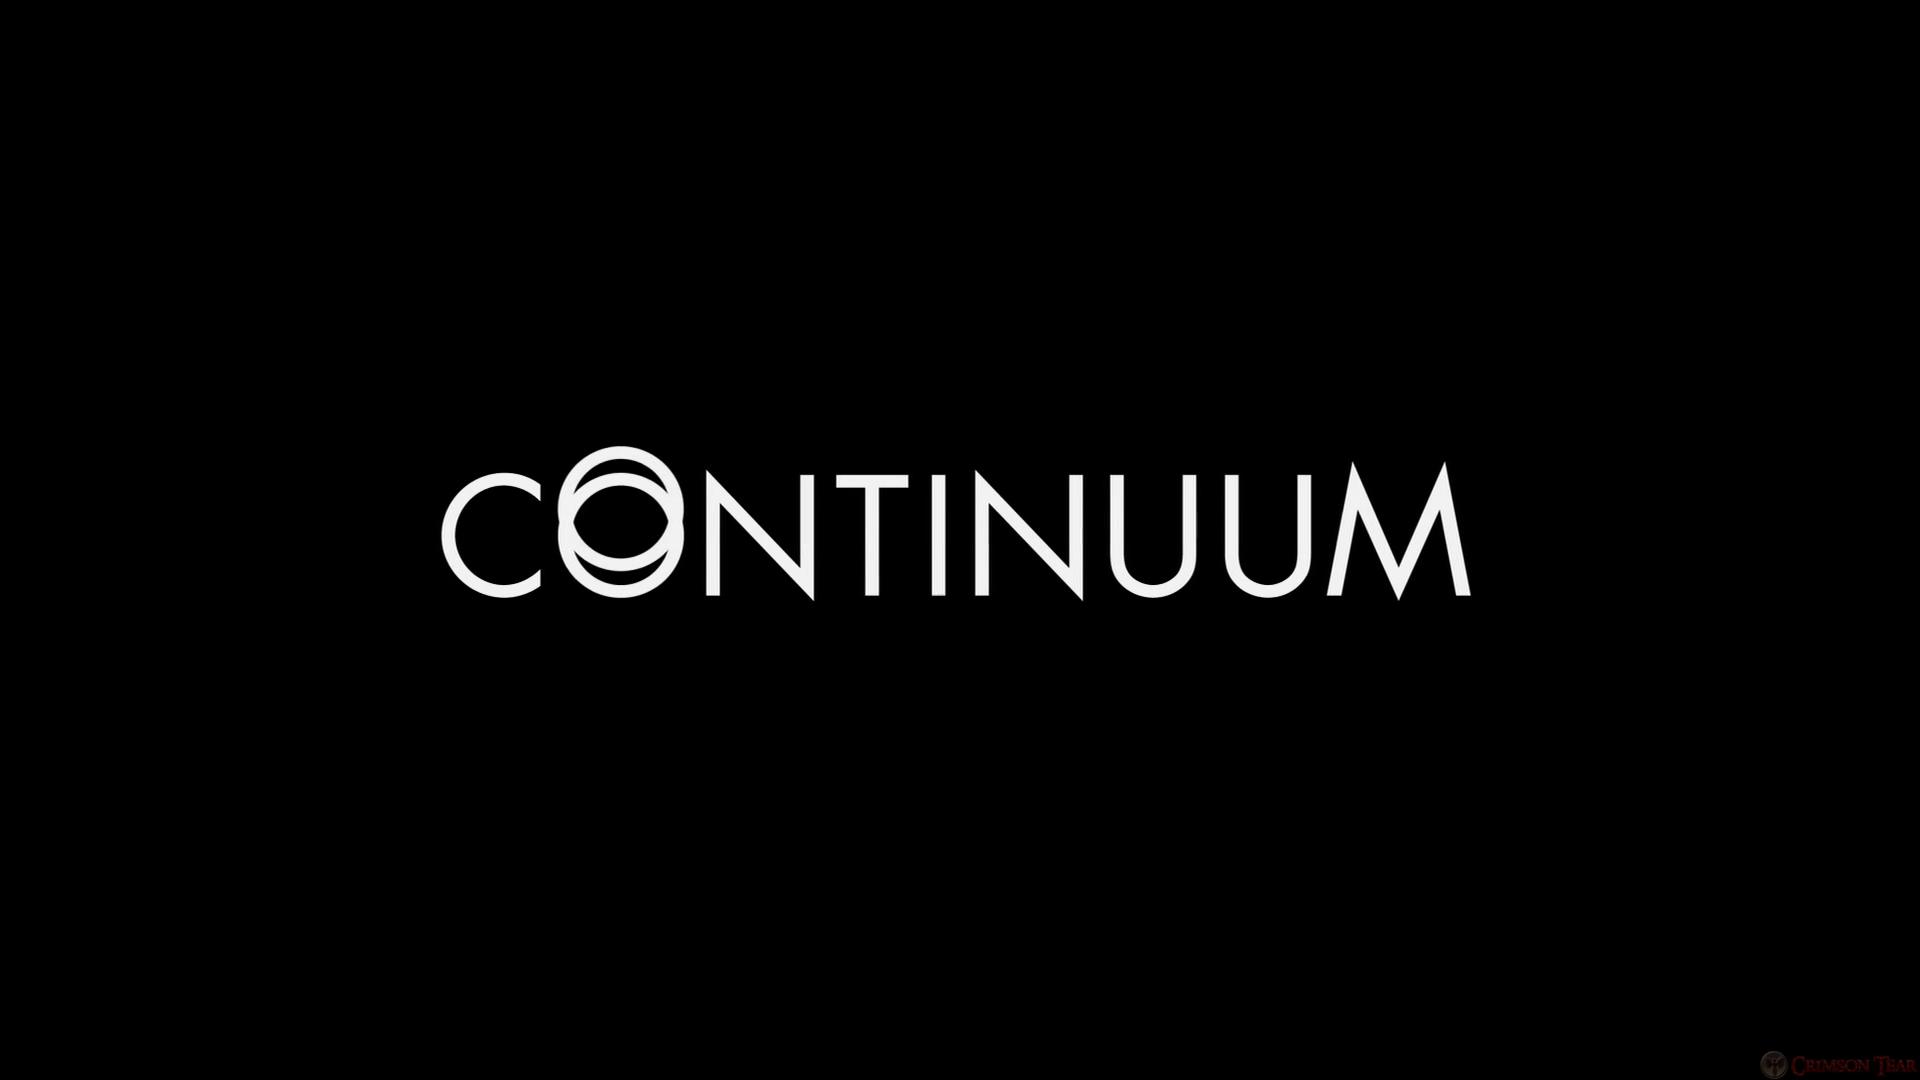 Continuum Desktop Wallpaper Page 2   Crimson Continuum 1920x1080